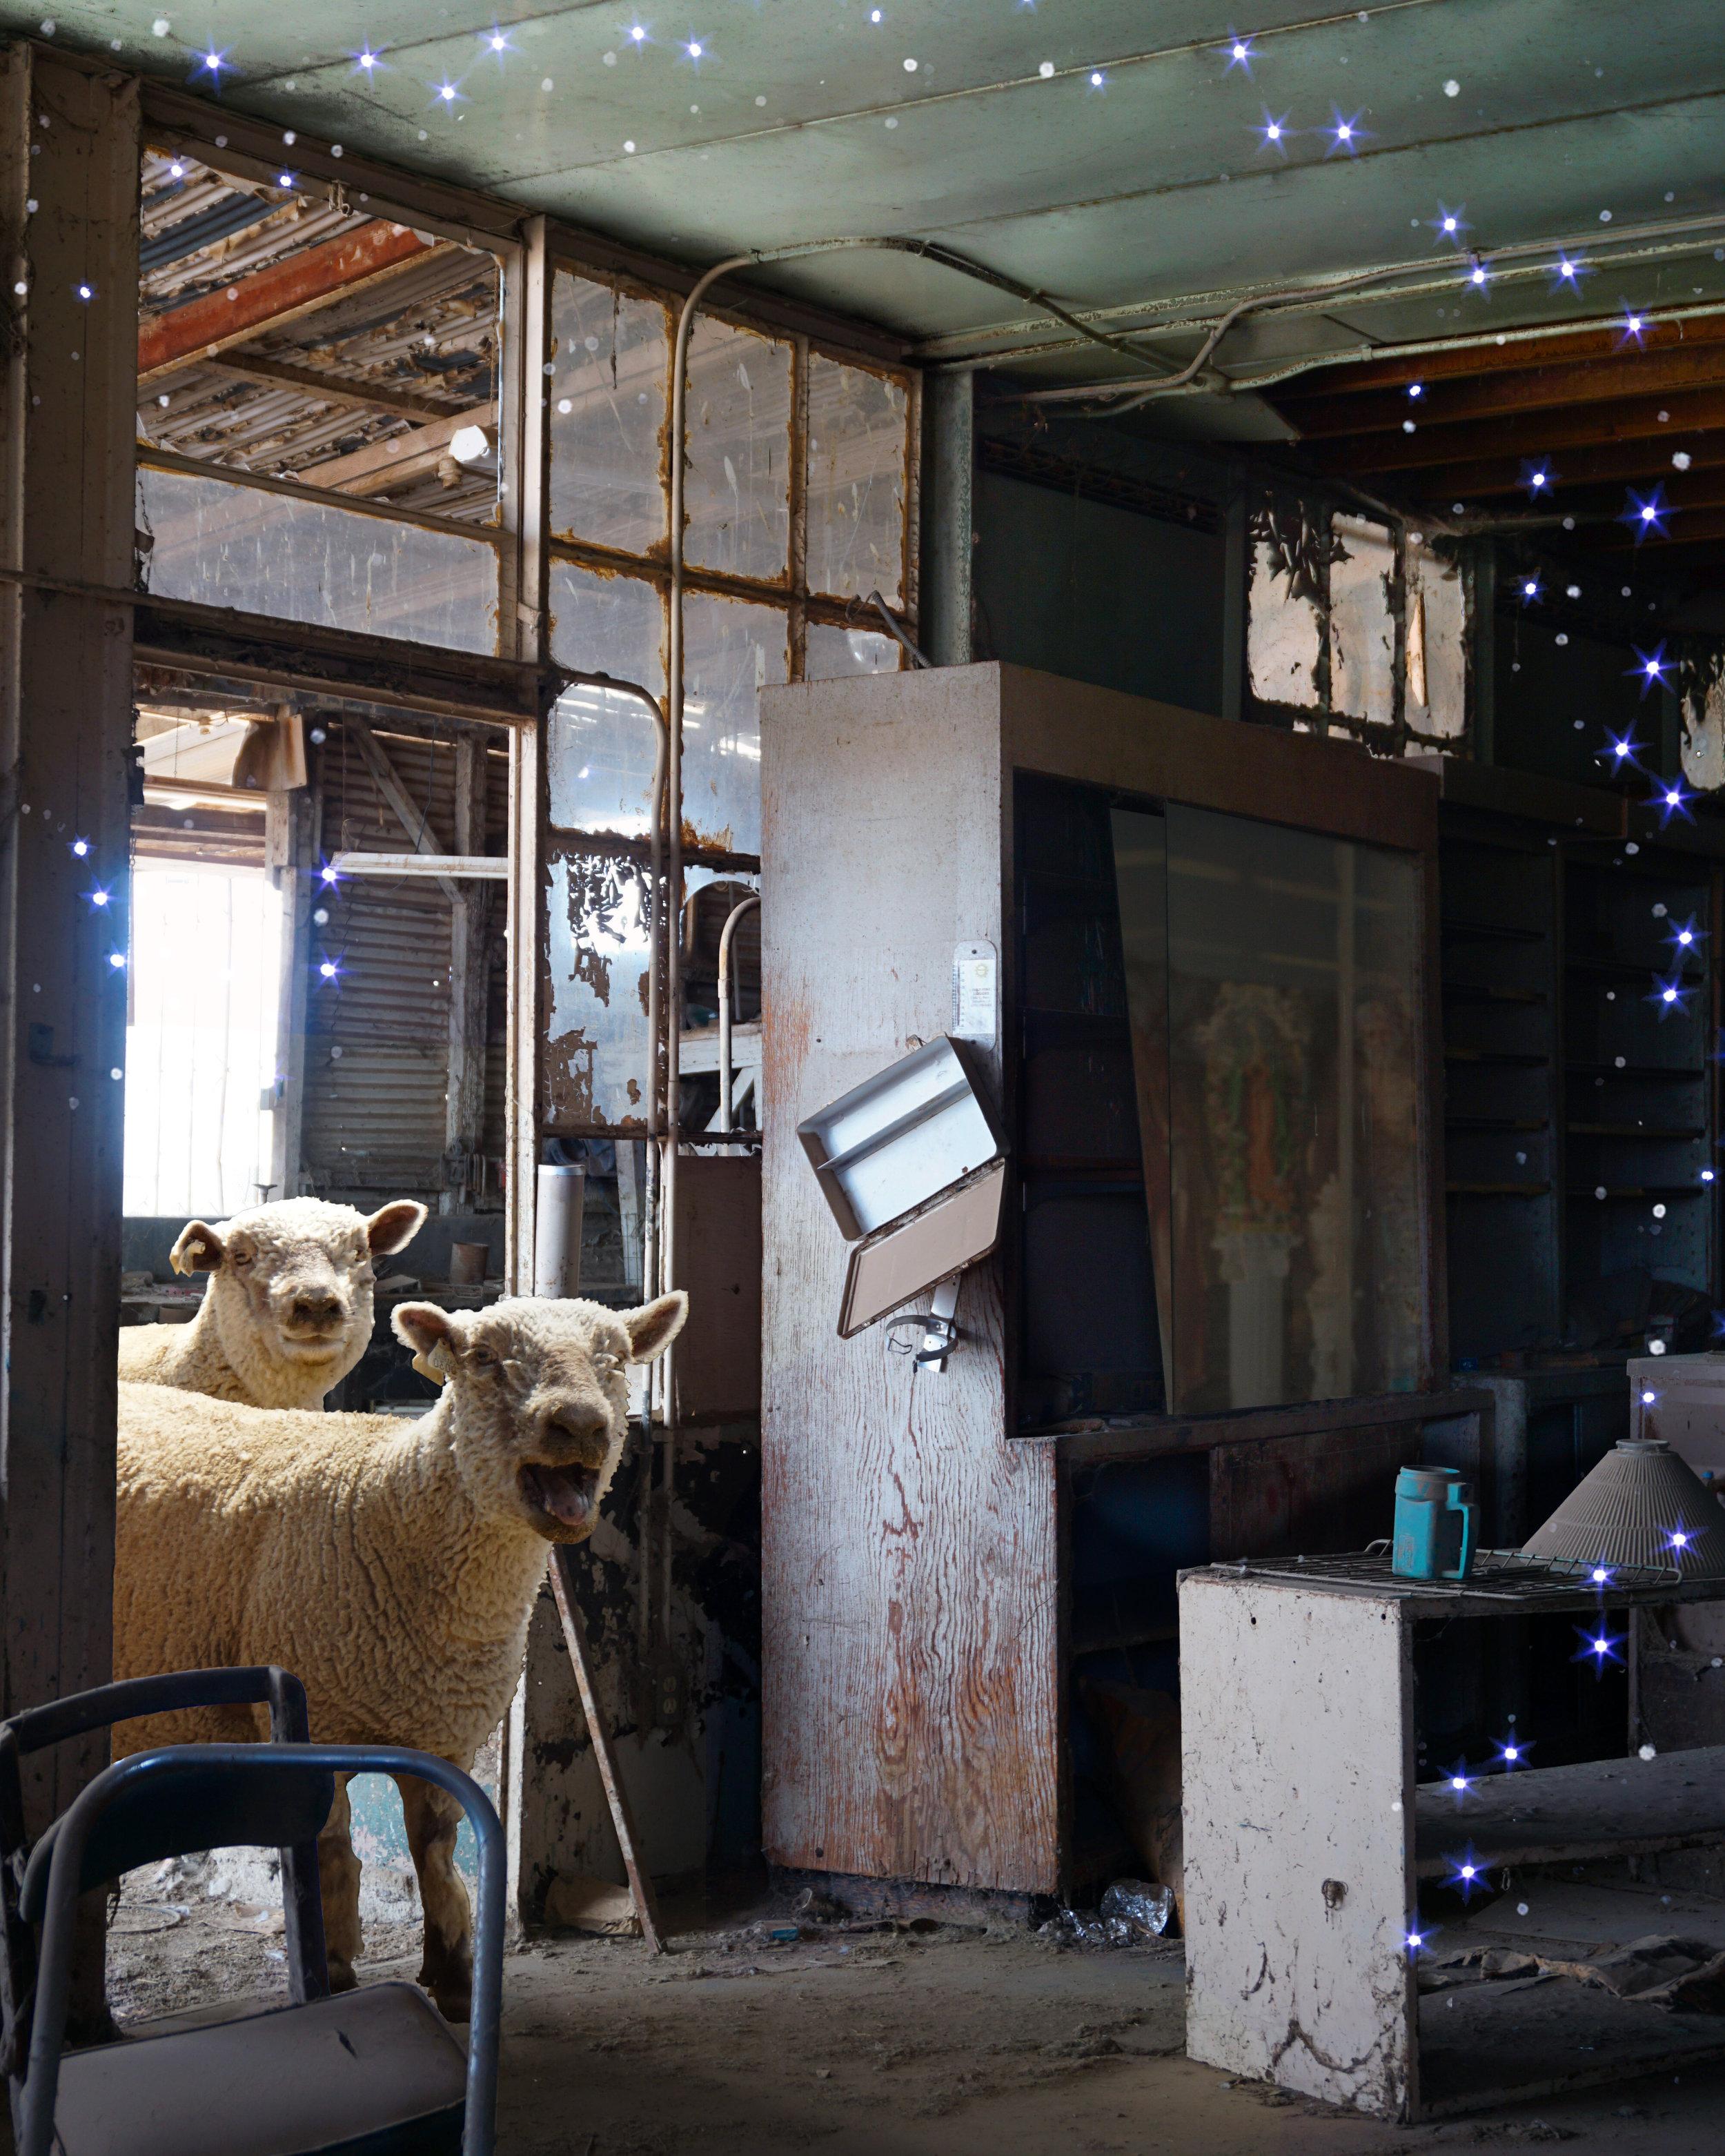 Surprise Sheep